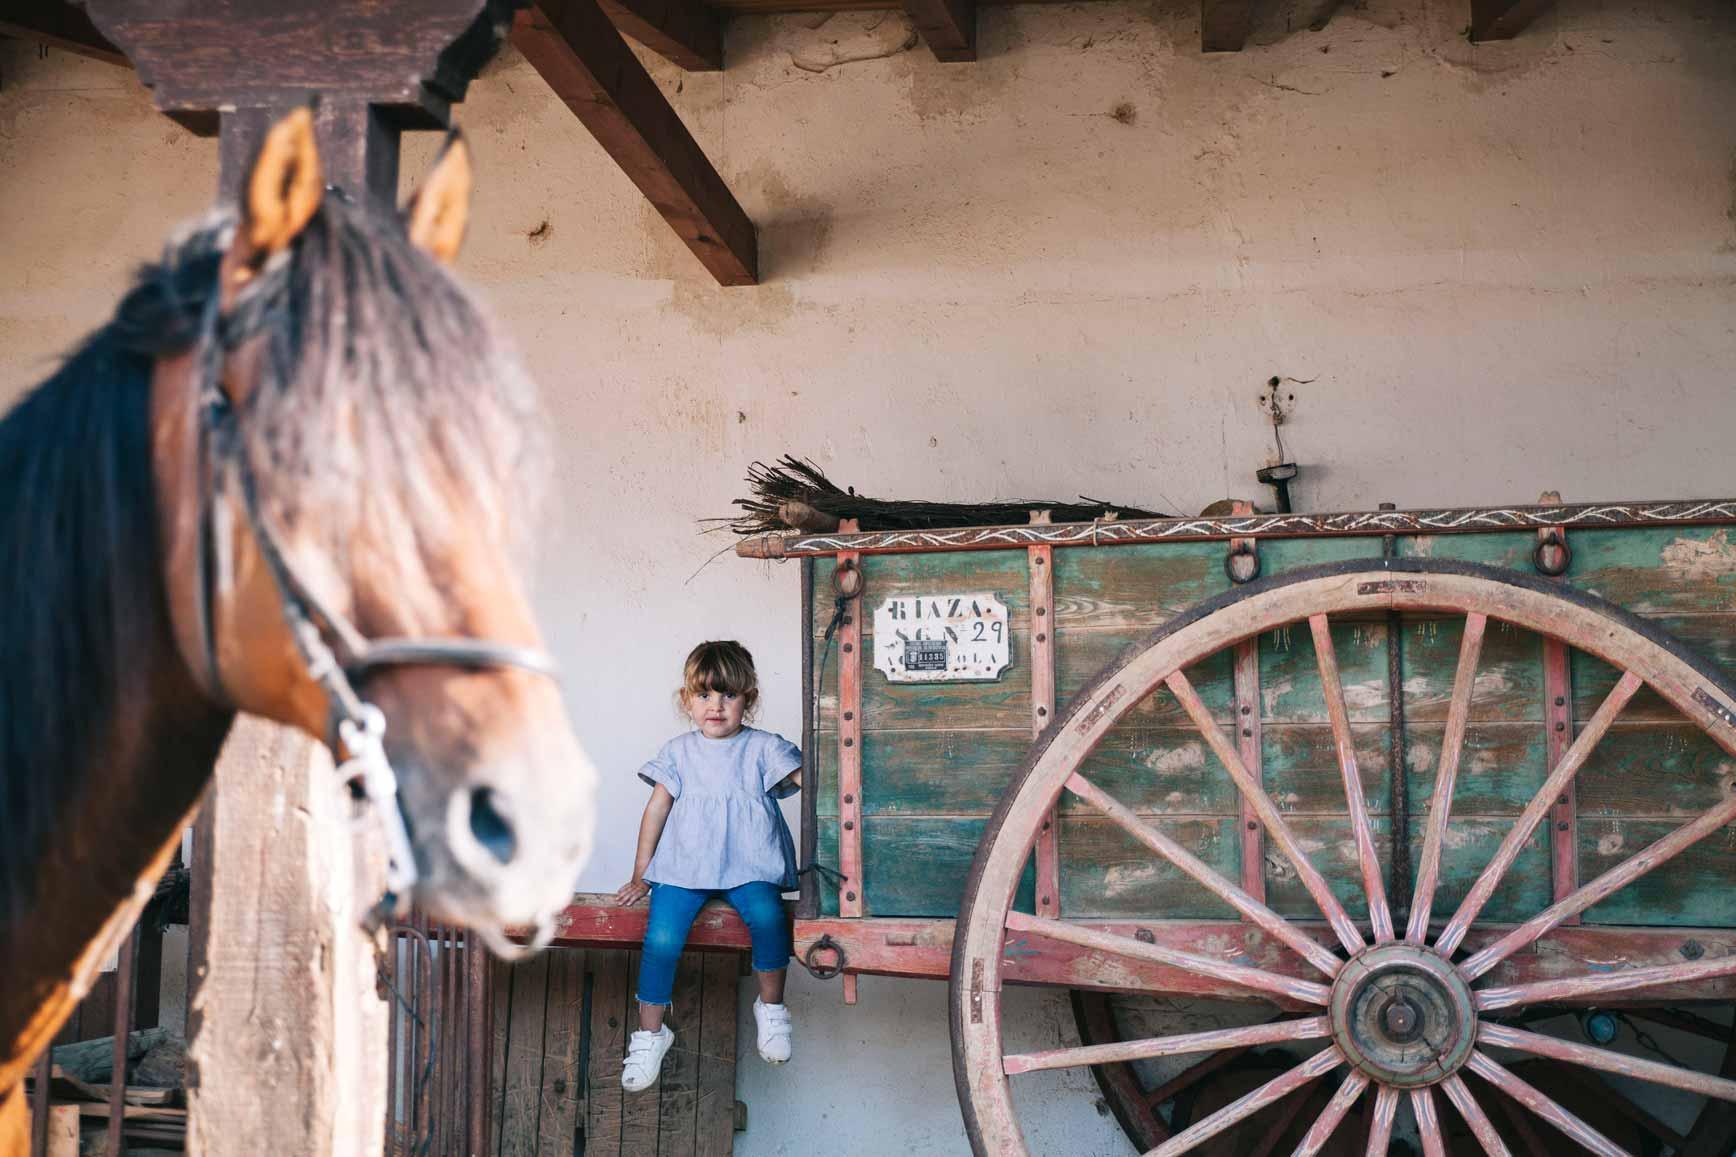 Ruta a Caballo - Caballos La Vereda_claraBmartin_48